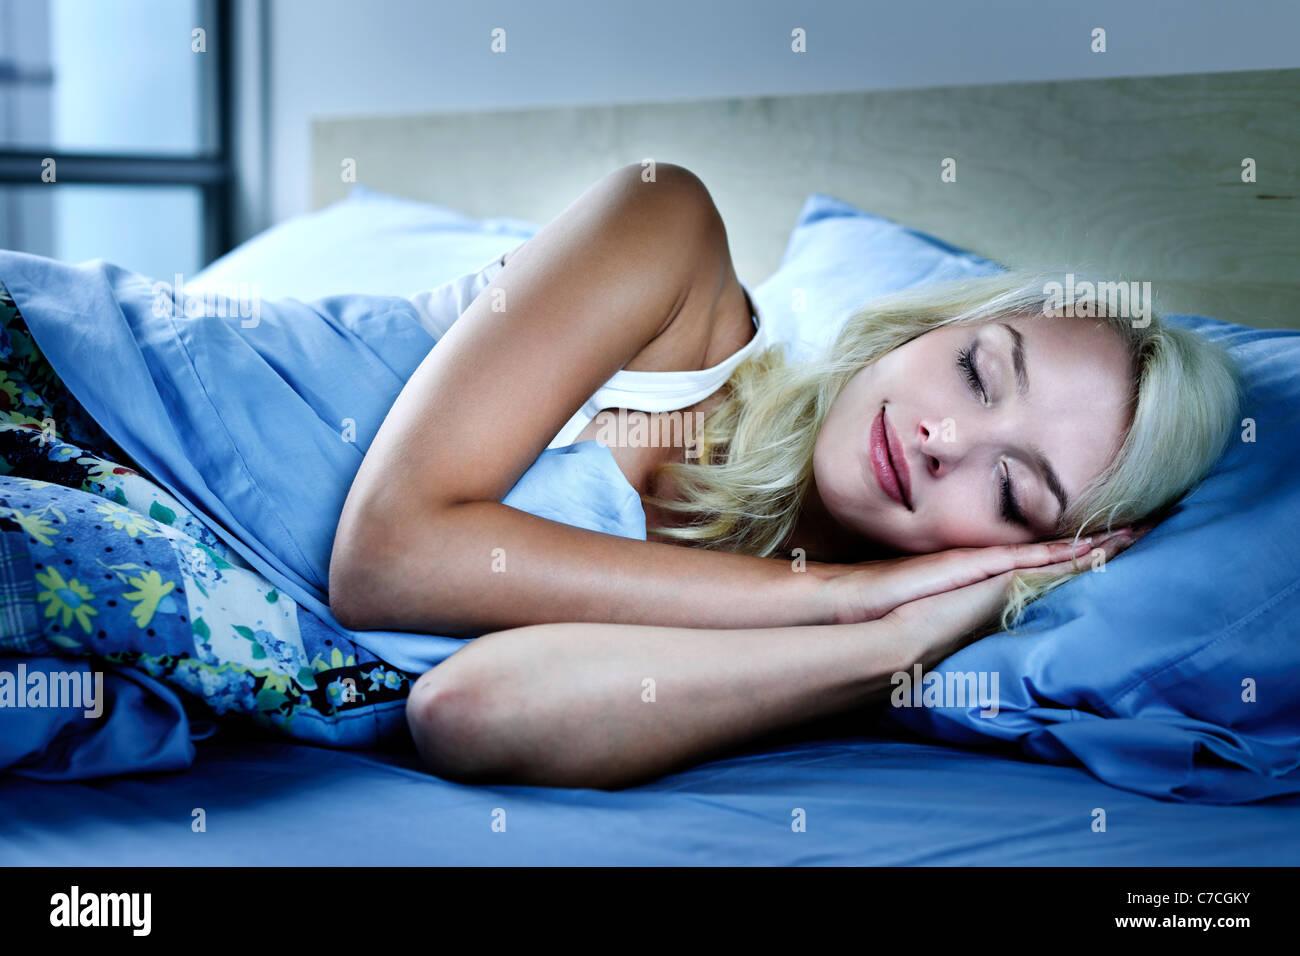 Junge Frau schlafen friedlich in der Nacht im Bett Stockbild